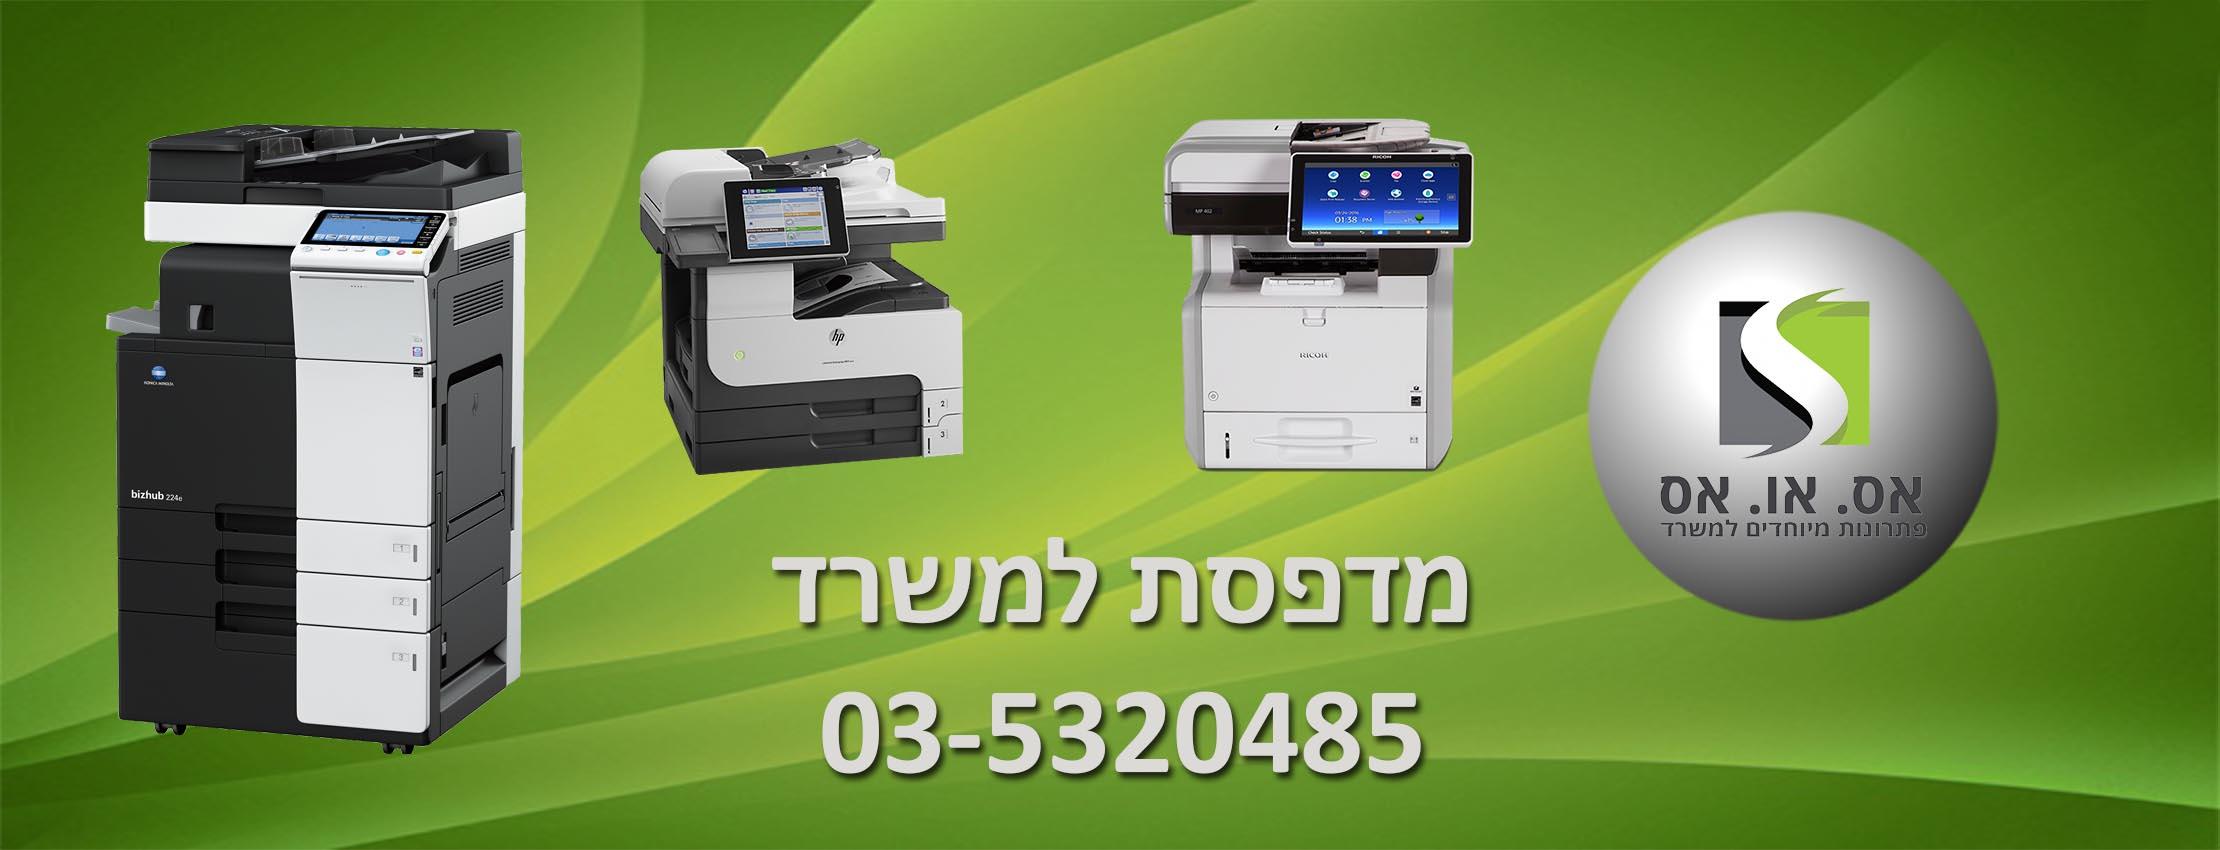 מגניב מדפסת למשרד | מדפסת משולבת למשרד | אס. או. אס 03-5320485 EM-99